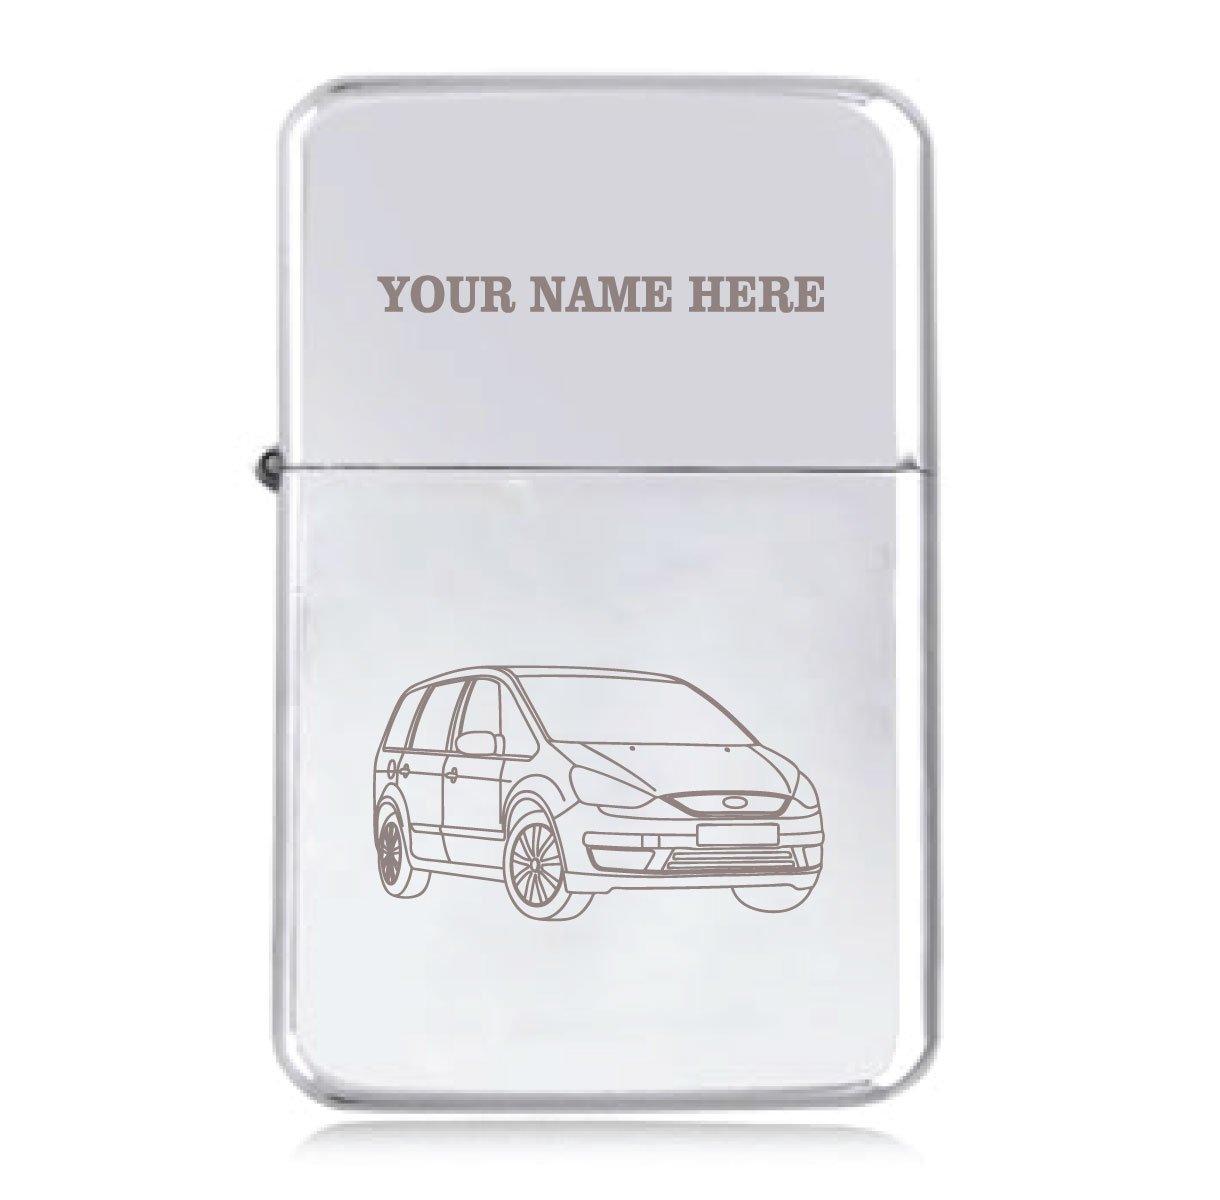 Ford Galaxy (nuevo diseño) - personalizado Star resistente al viento encendedor de gasolina: Amazon.es: Hogar